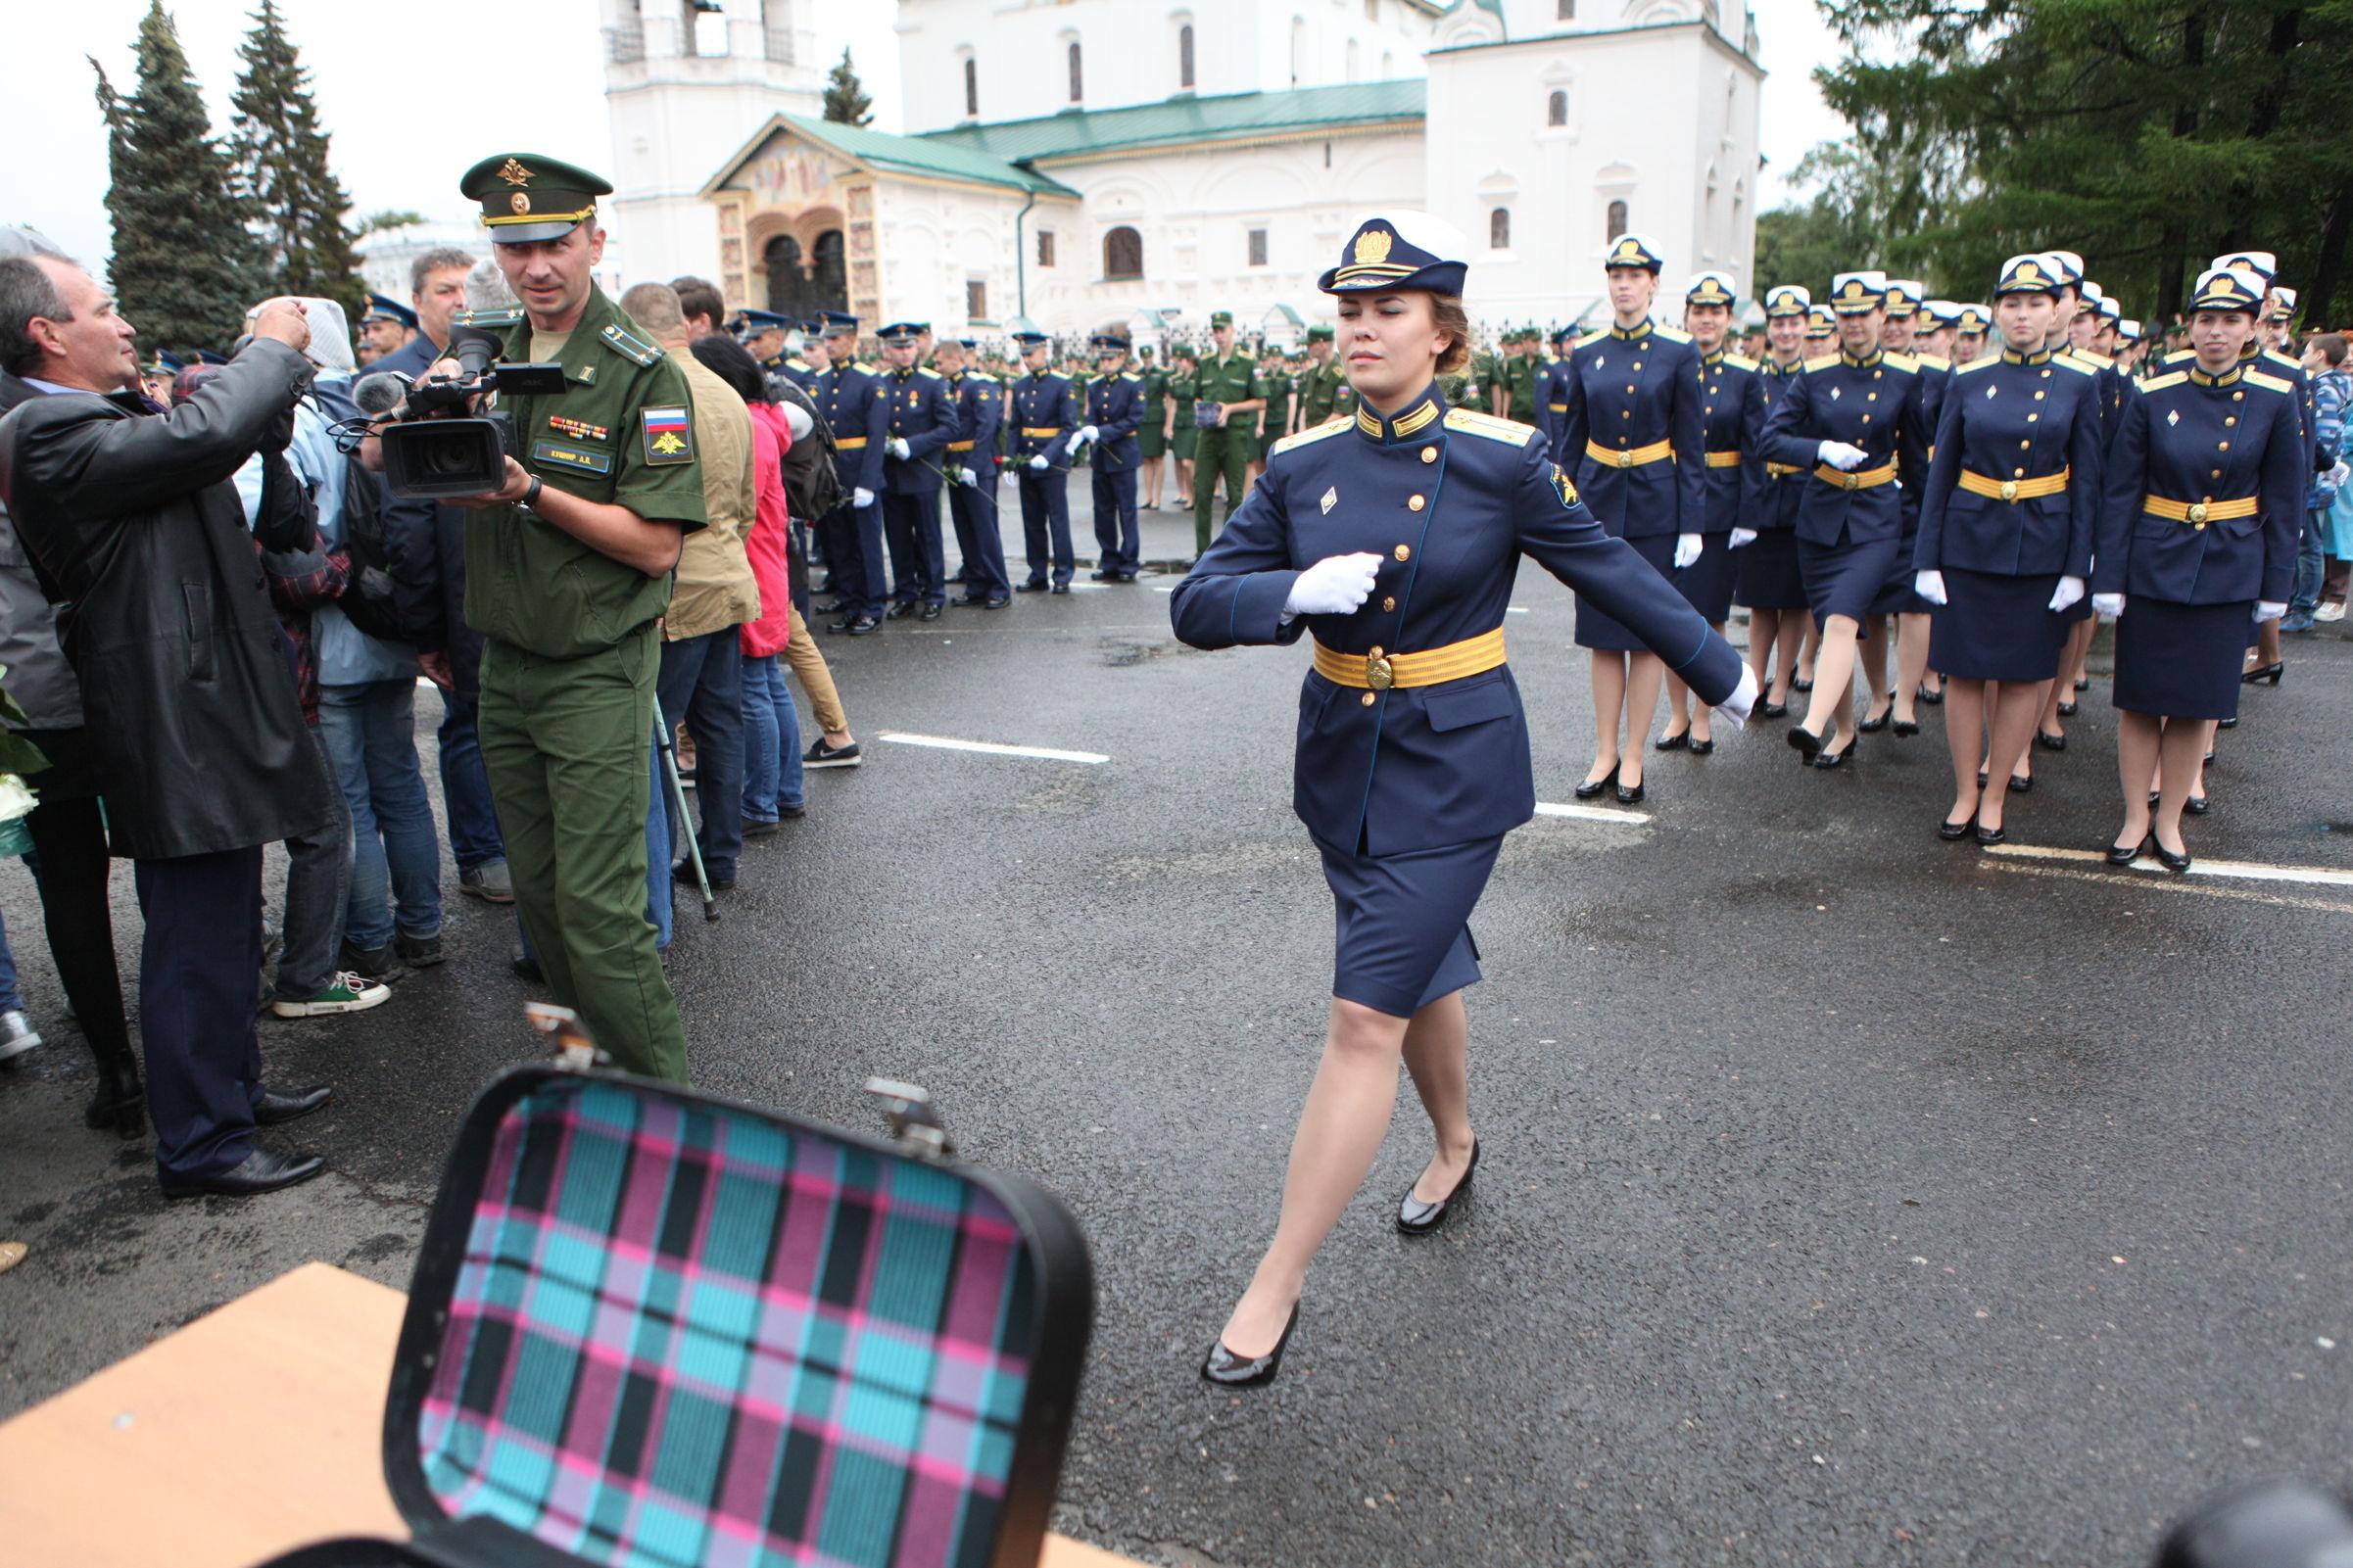 В центре Ярославля чествовали выпускников высшего военного училища ПВО: фоторепортаж